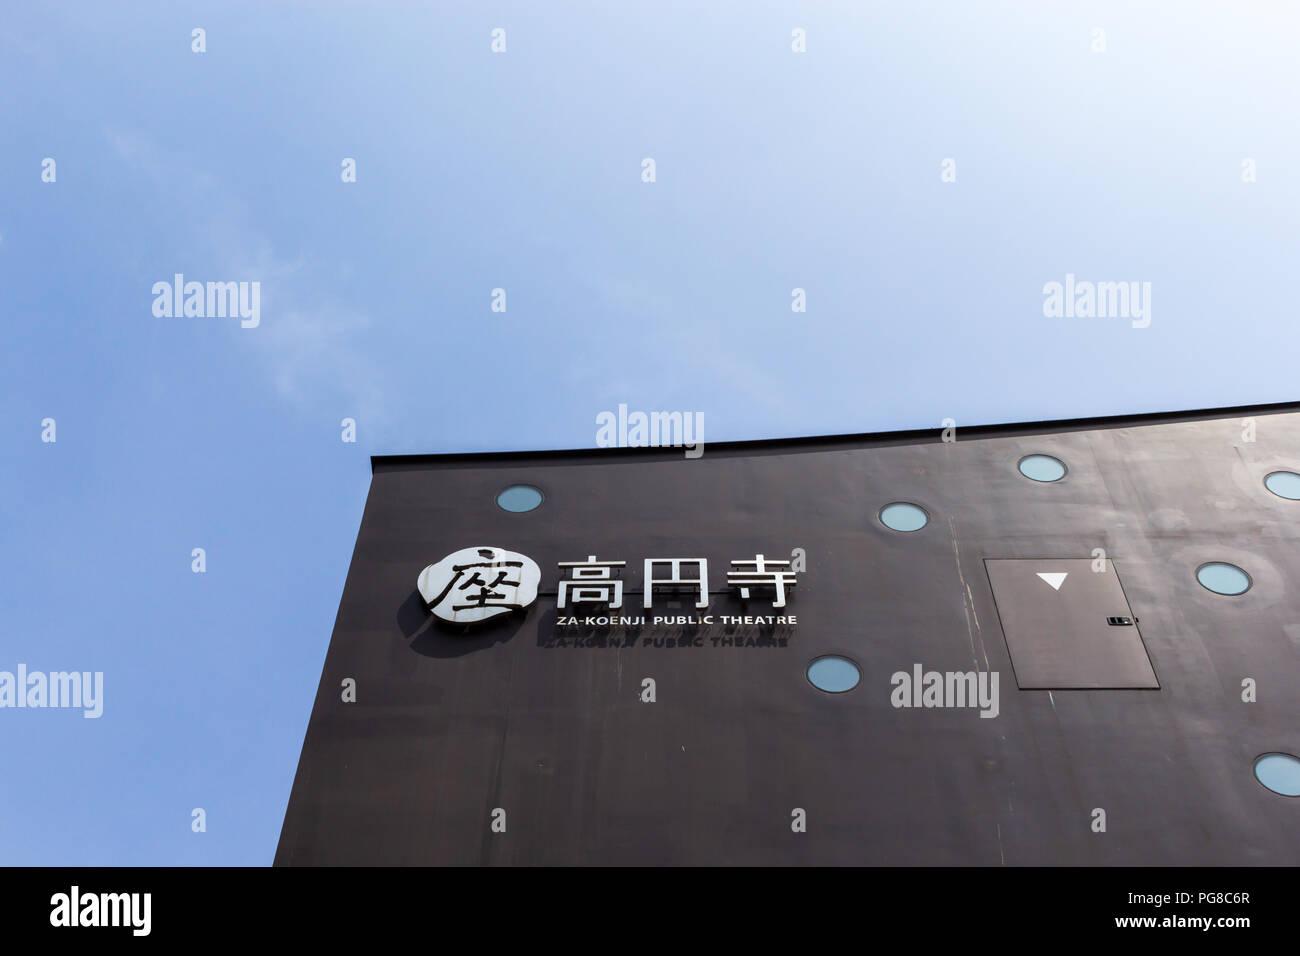 Za-Koenji Public Theatre (Toyo Ito & Associates, 2009), Koenji, Suginami, Tokyo, Japan - Stock Image